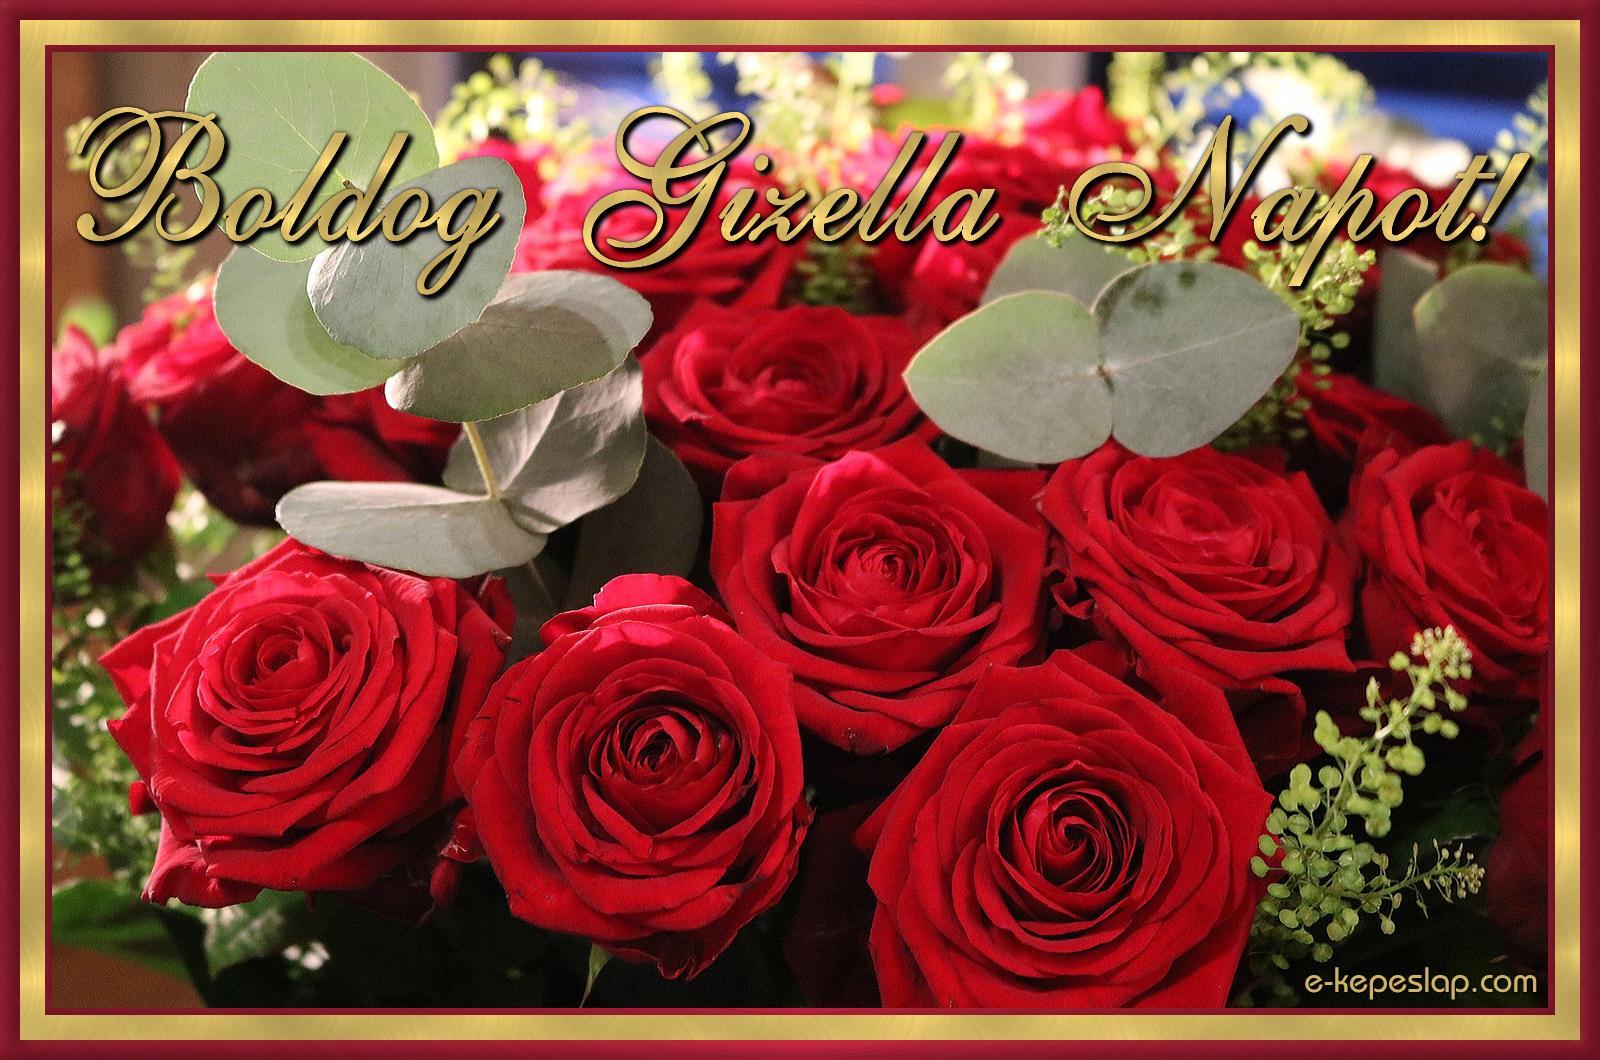 gizella névnap köszöntő Gizella névnapi képeslap   Képeslapküldés   e kepeslap.com gizella névnap köszöntő